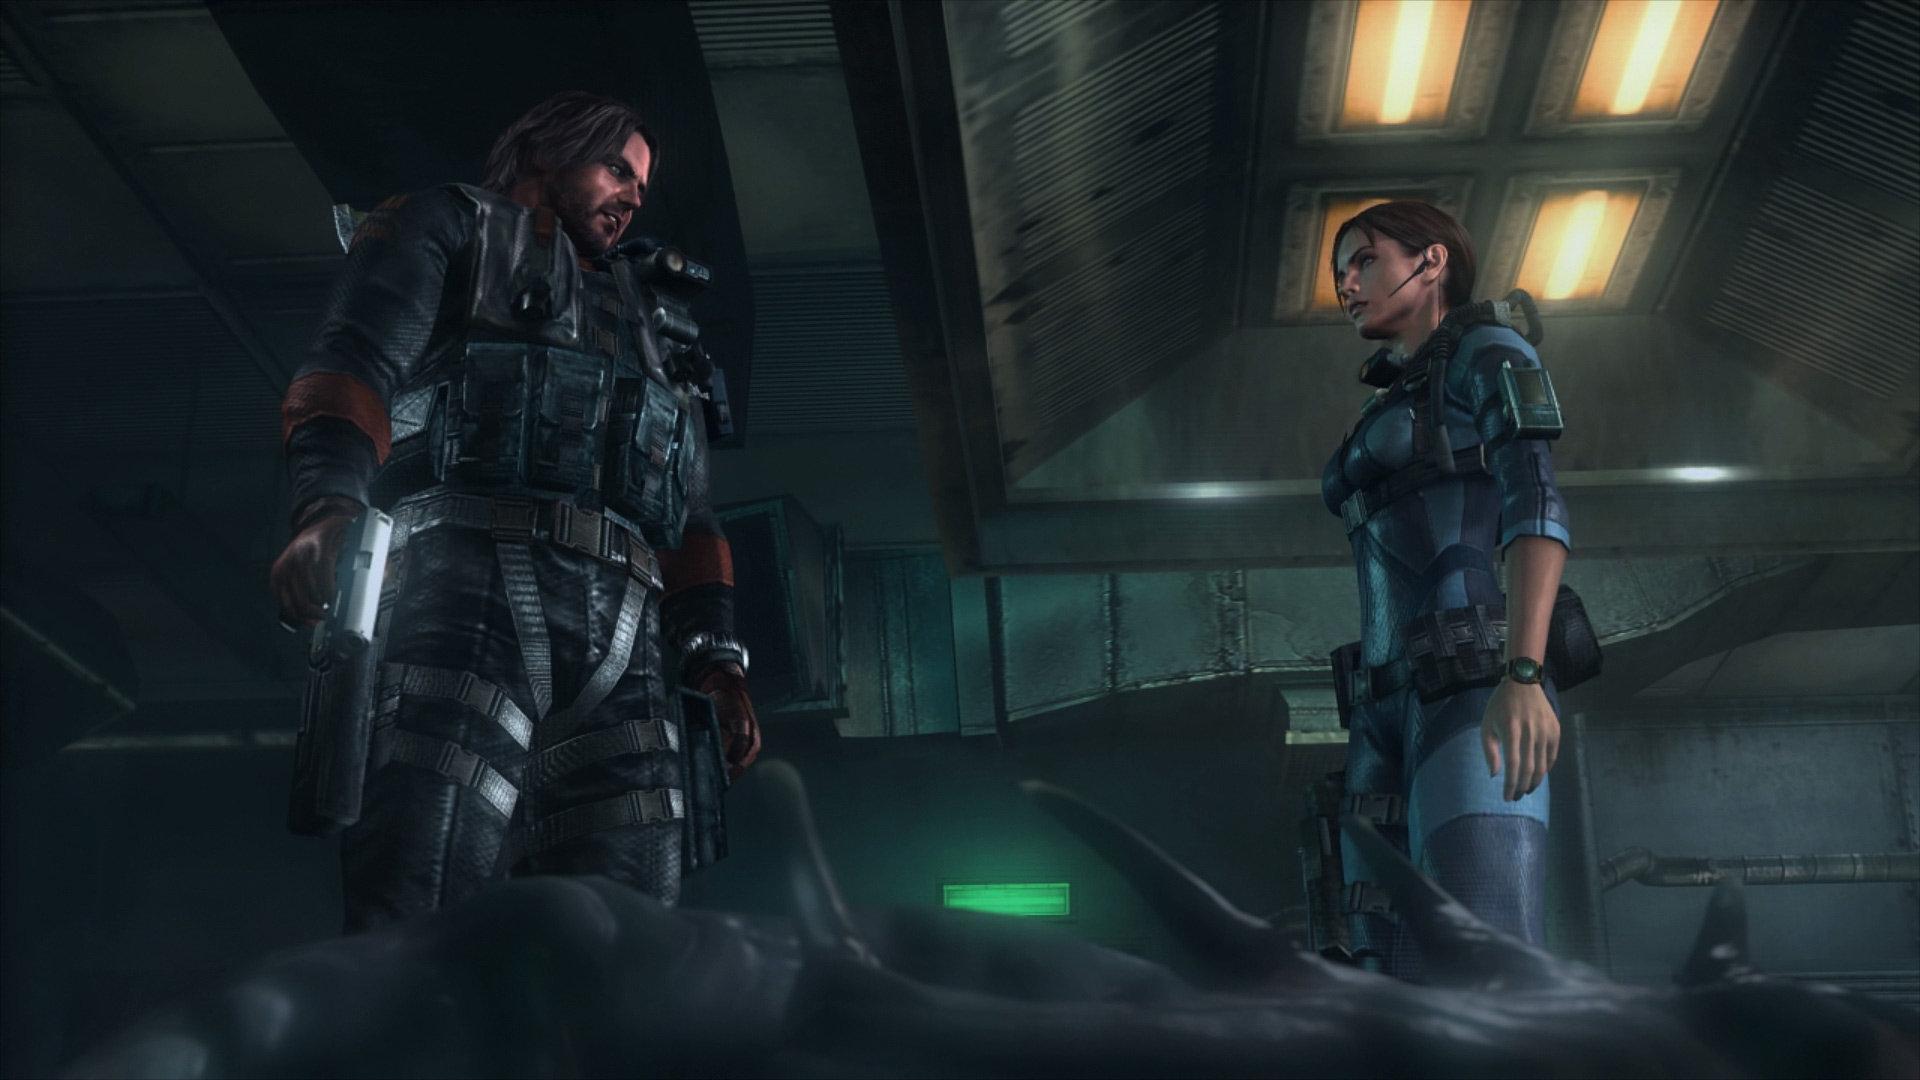 resident-evil-revelations-screen-01-ps4-